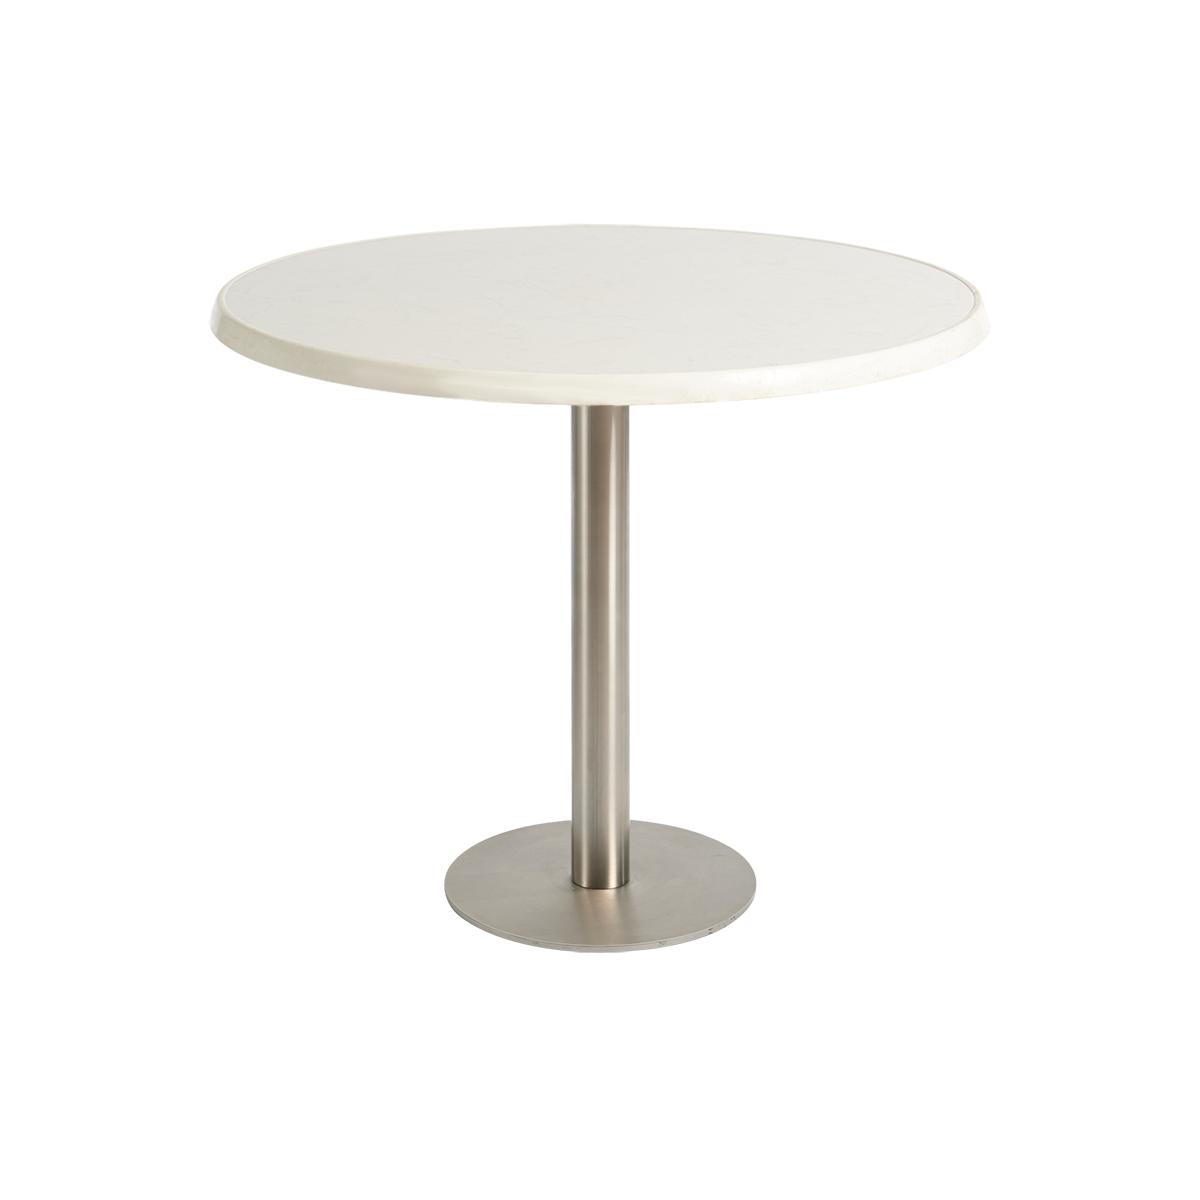 dieeventausstatter Sitztisch Modern Platte marmordekor rund